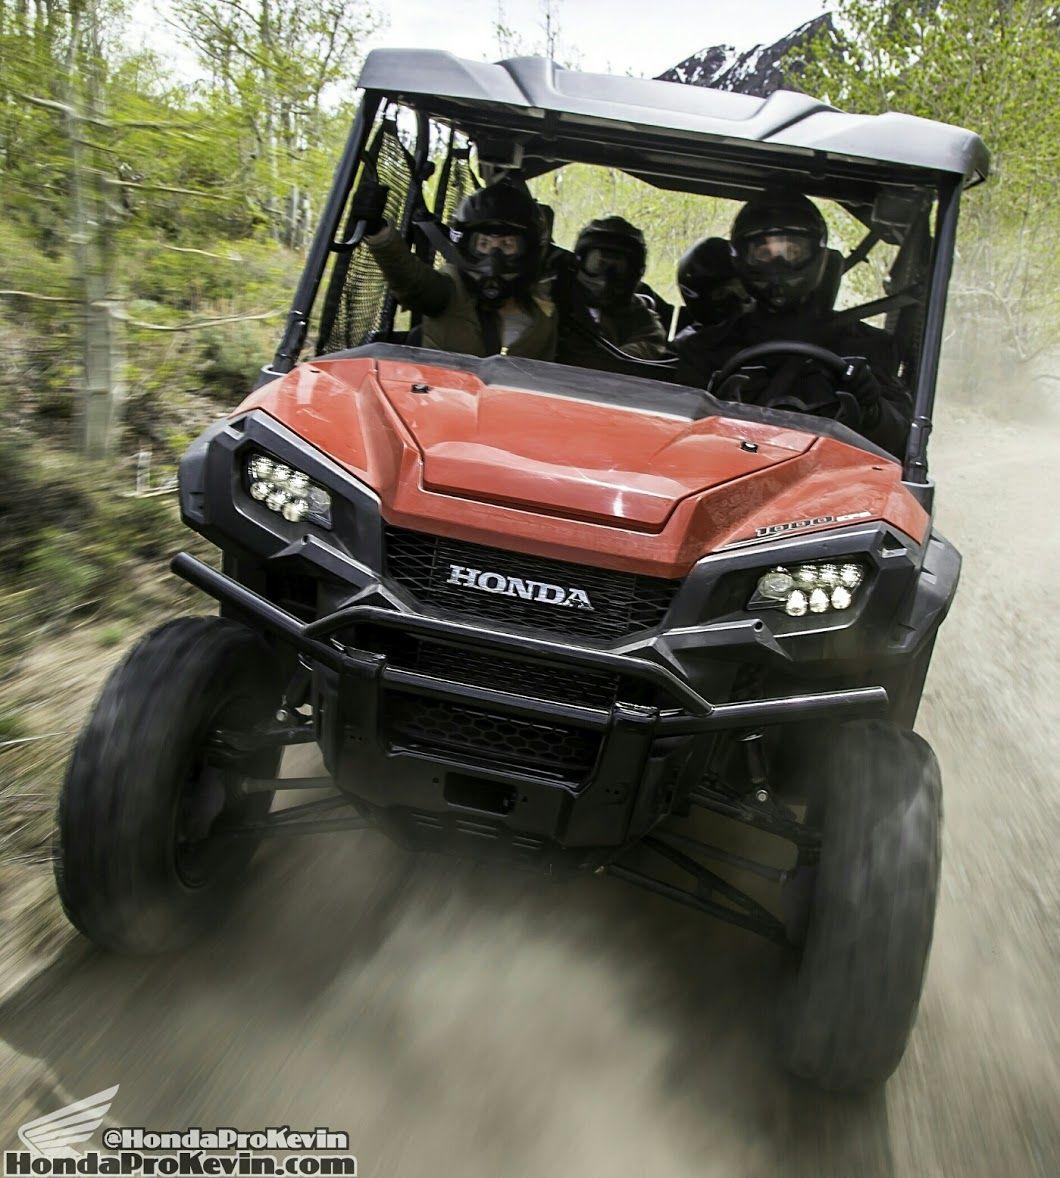 2016 Honda 1000 cc Pioneer SxS / UTV / Side by Side ATV